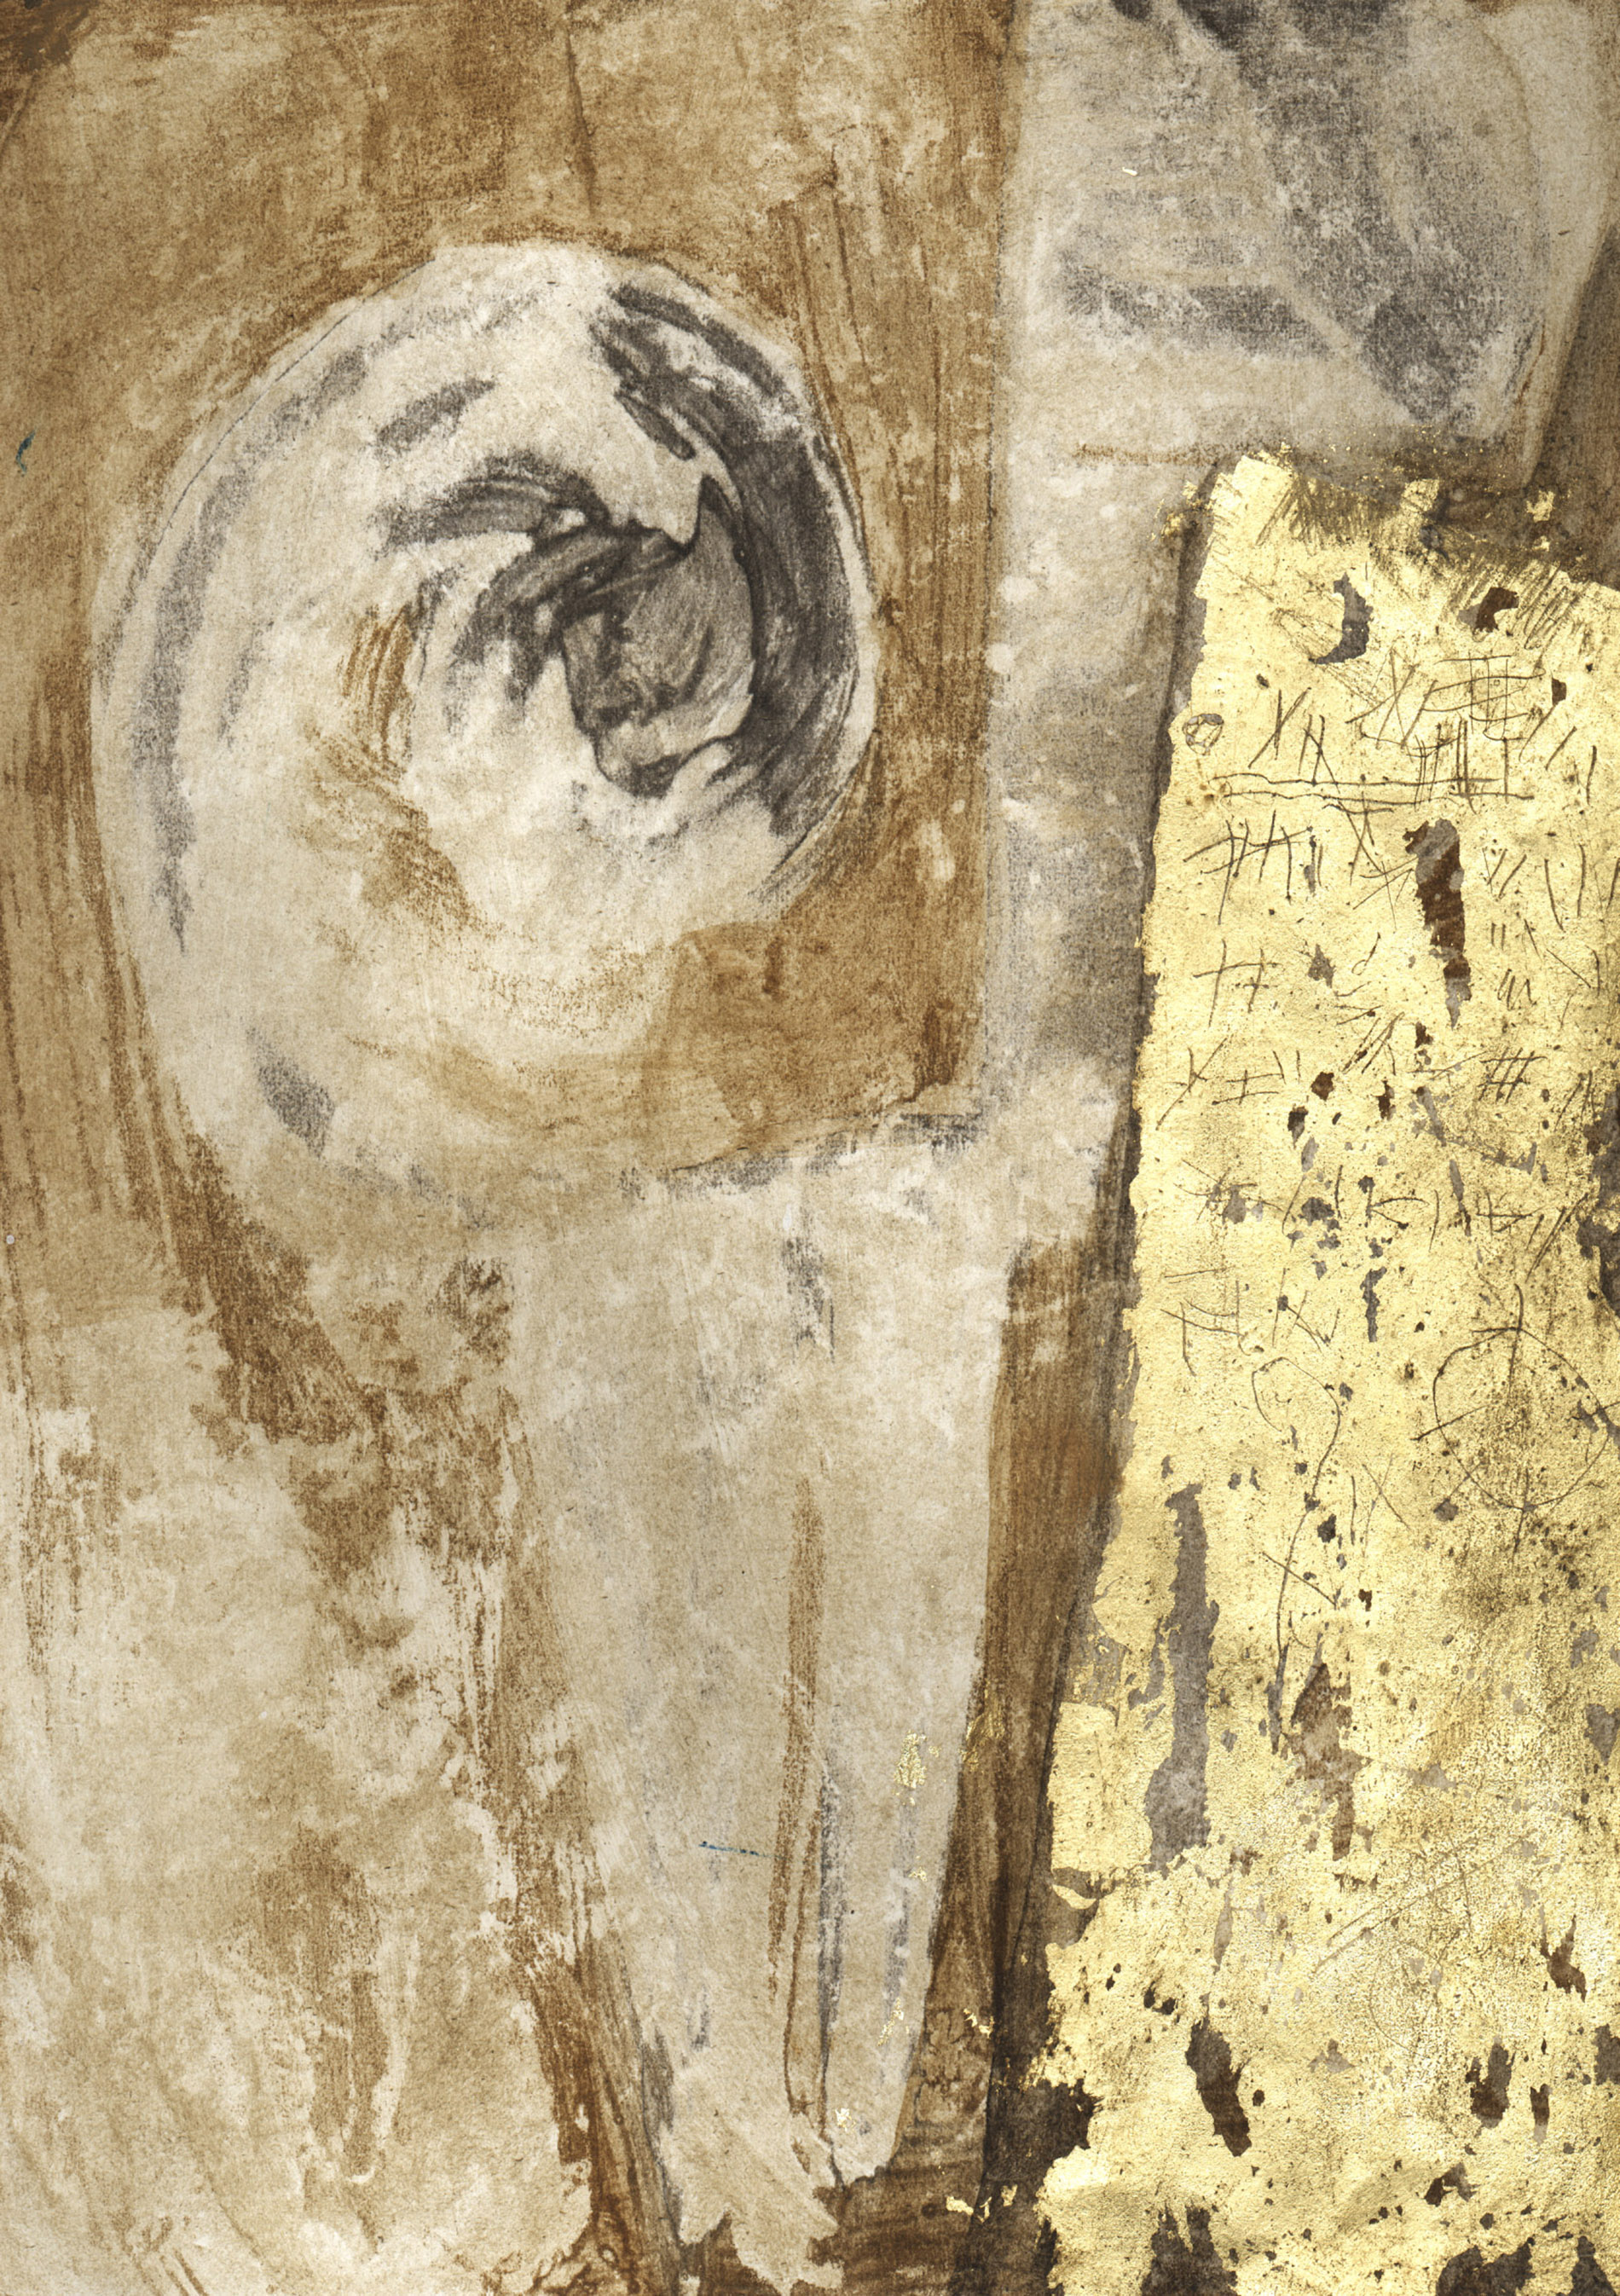 archetipo, astrazione, collage, culto della Madre Terra, musica, dipinto con pigmenti su carta di riso, dipinto con pigmenti su gesso, dipinto con pigmenti su tela, Graffiti, Pigmenti, , tecnica mista, texture, chiave di violino, quadri scenografici, pannelli scorrevoli dipinti, pannelli scorrevoli decorati, doratura, doratura con foglia d'oro, foglia d'oro, sedimentazioni, incisioni su tavola